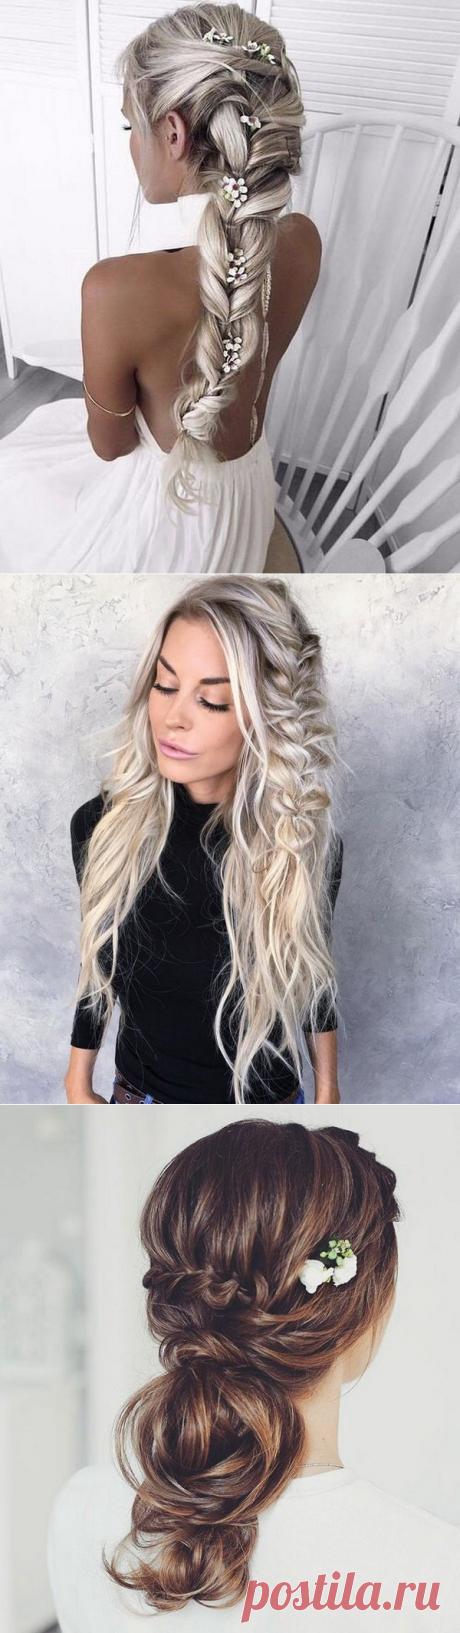 Прически на выпускной 2018: фото, идеи, красивые косички на длинные и средние волосы | GlamAdvice